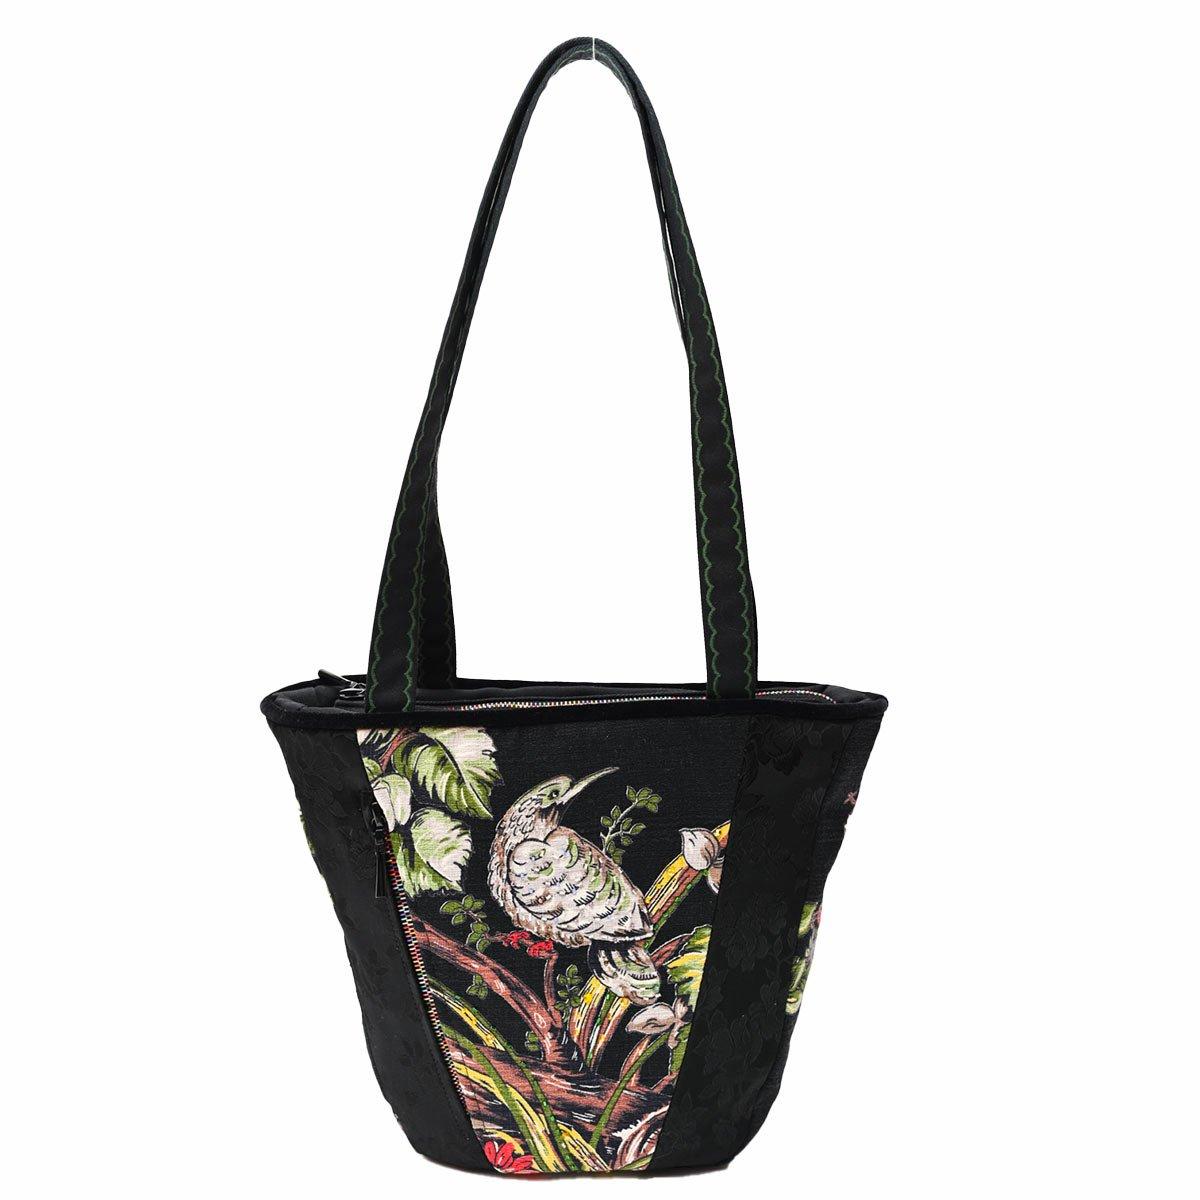 tiki bag bird motif on black